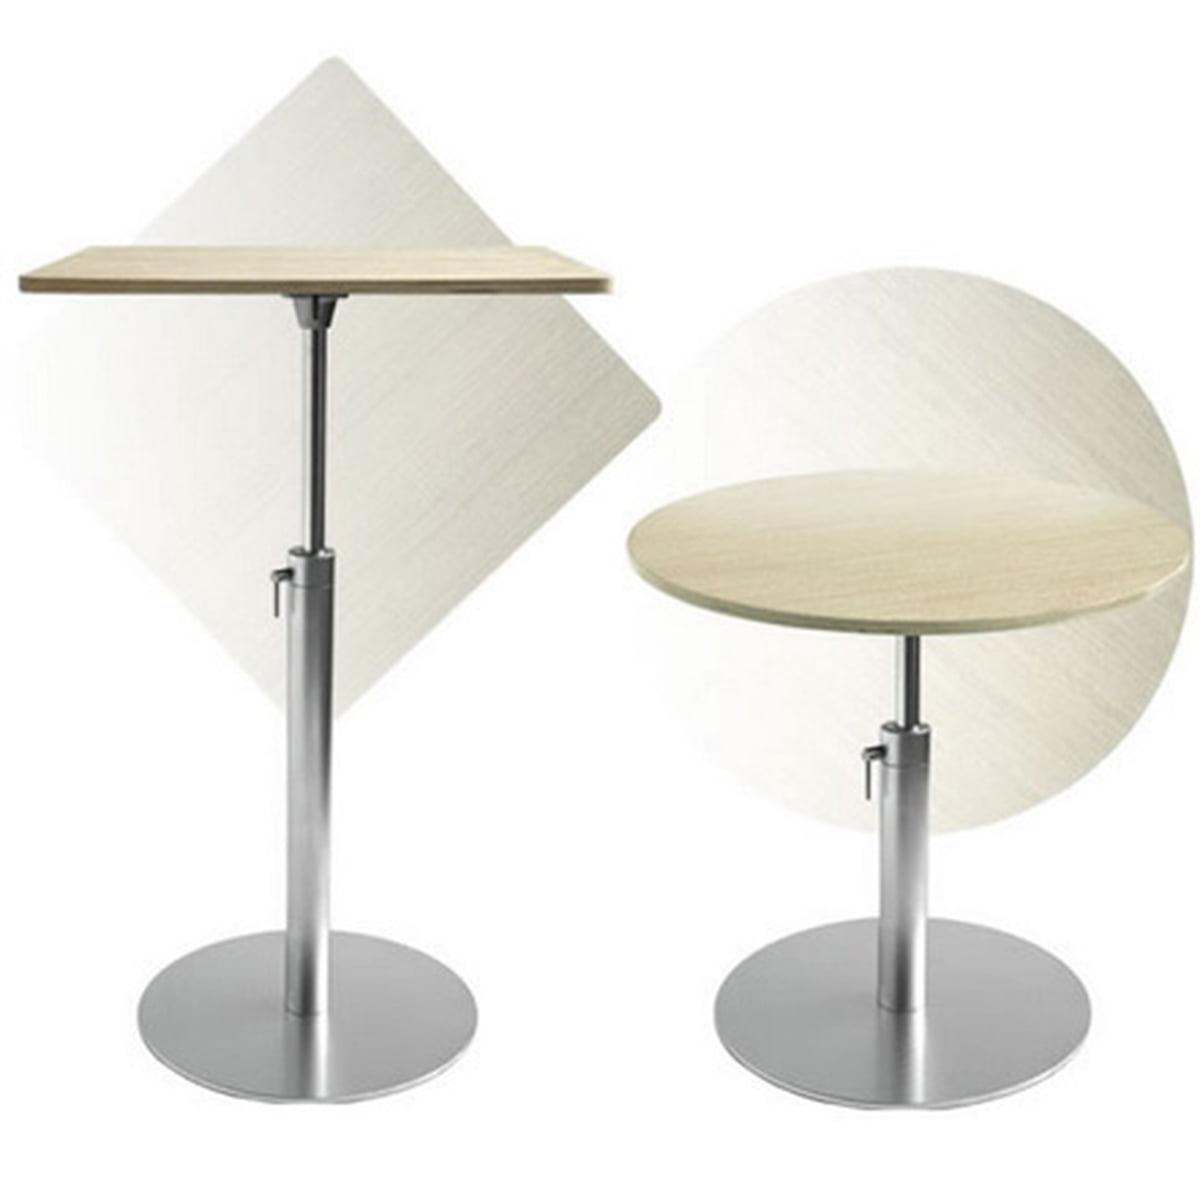 Einfache Dekoration Und Mobel Lem Barhocker Von La Palma Ein Designklassiker 2 #27: Brio Bistrotisch Von La Palma In 2 Varianten